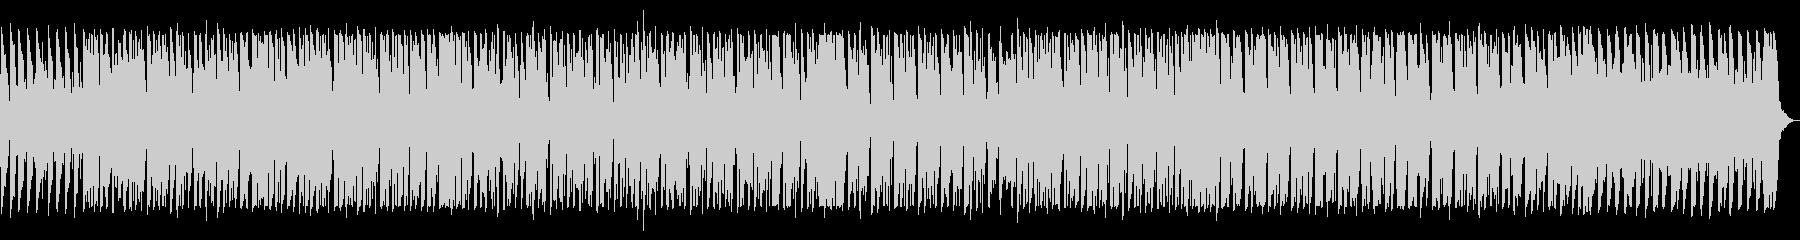 ベースがかっこいい80年代風サウンドの未再生の波形